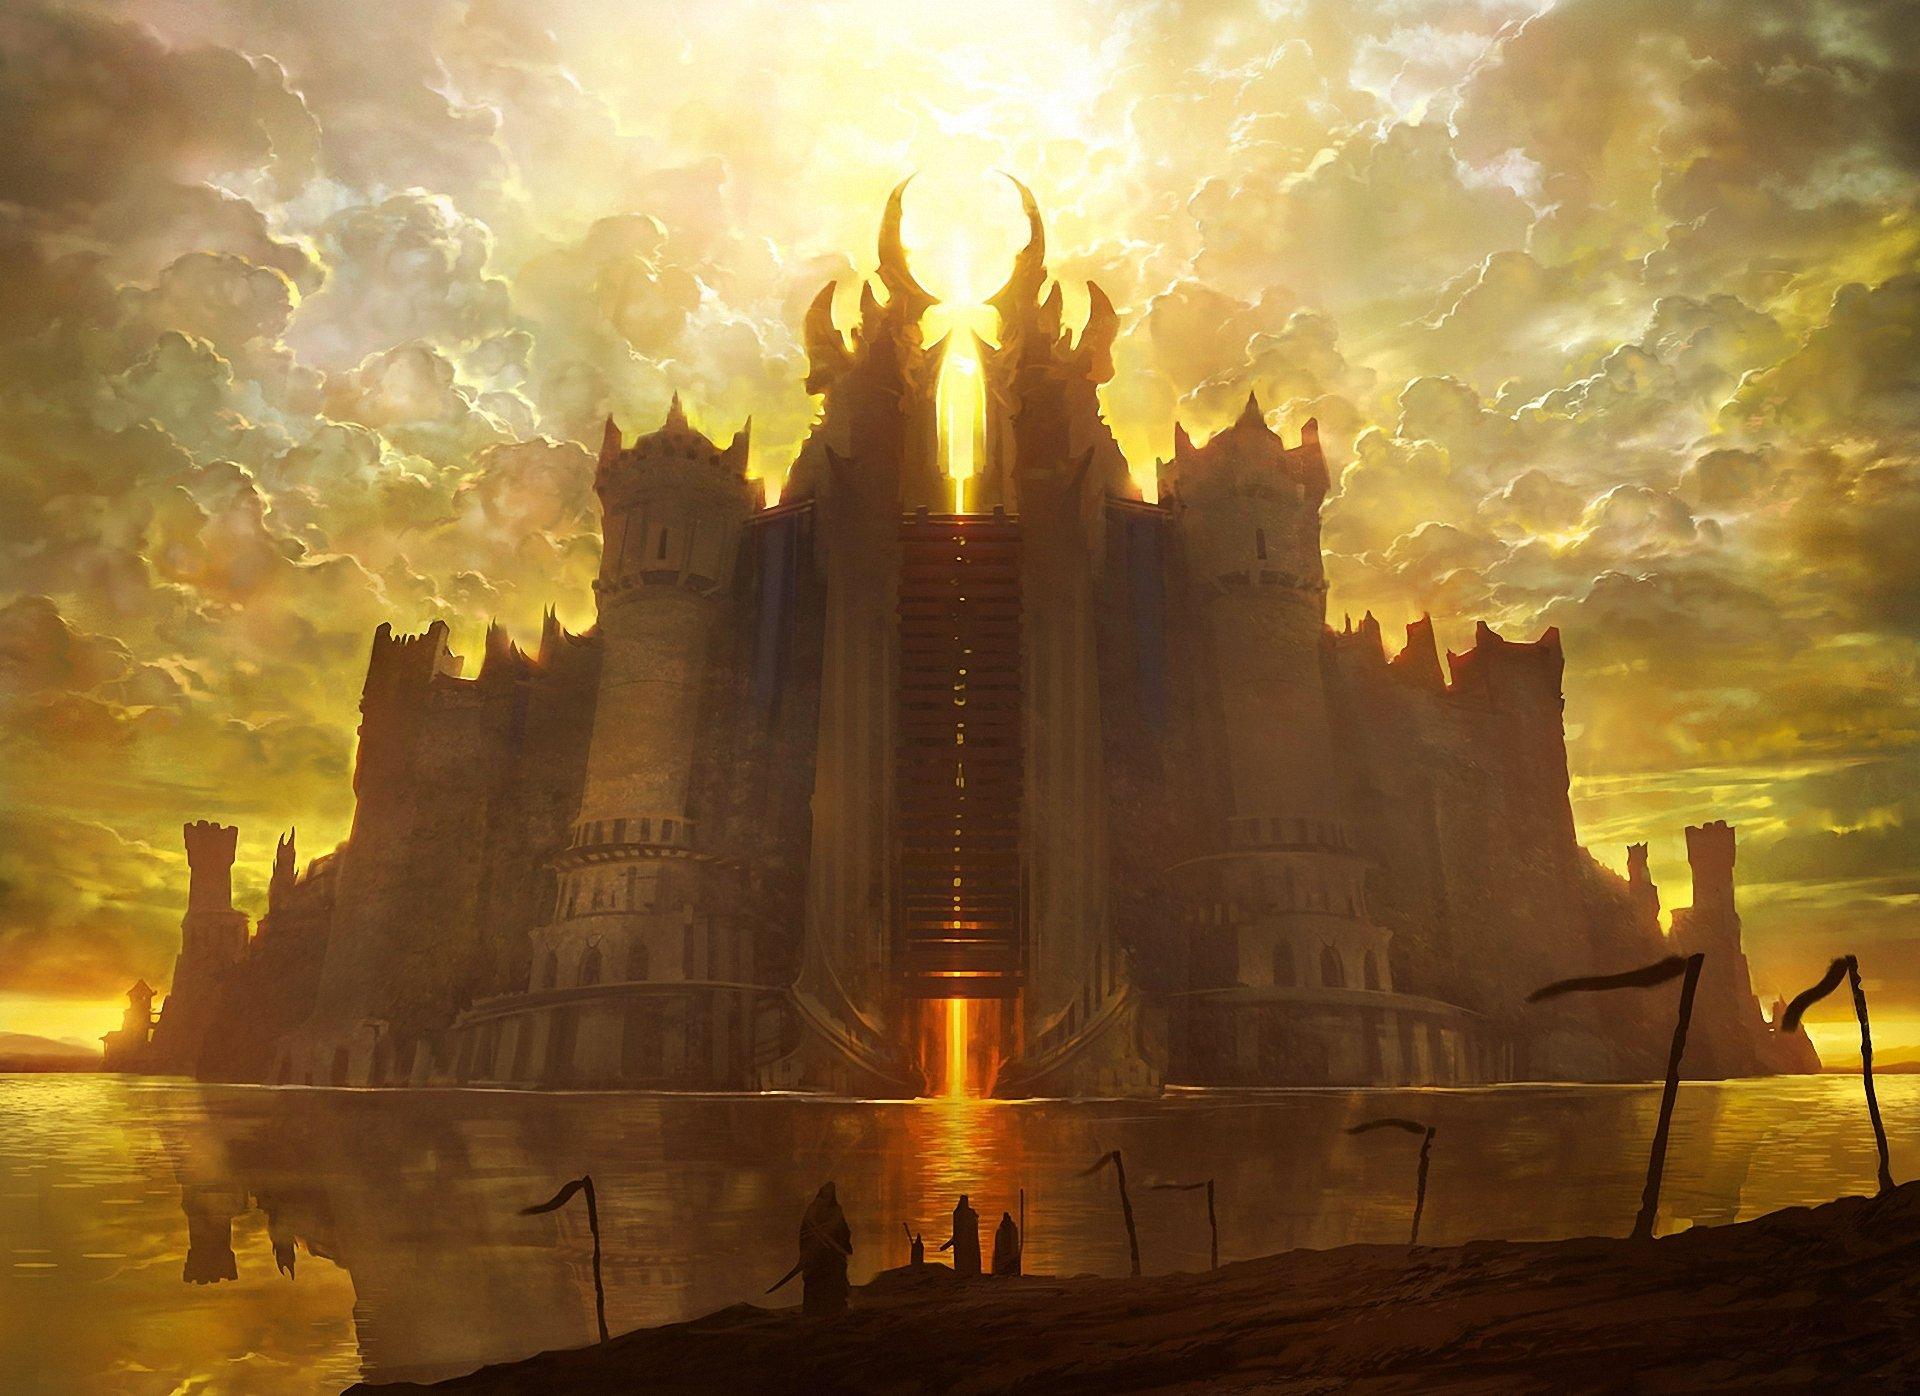 Замок в лучах света бесплатно